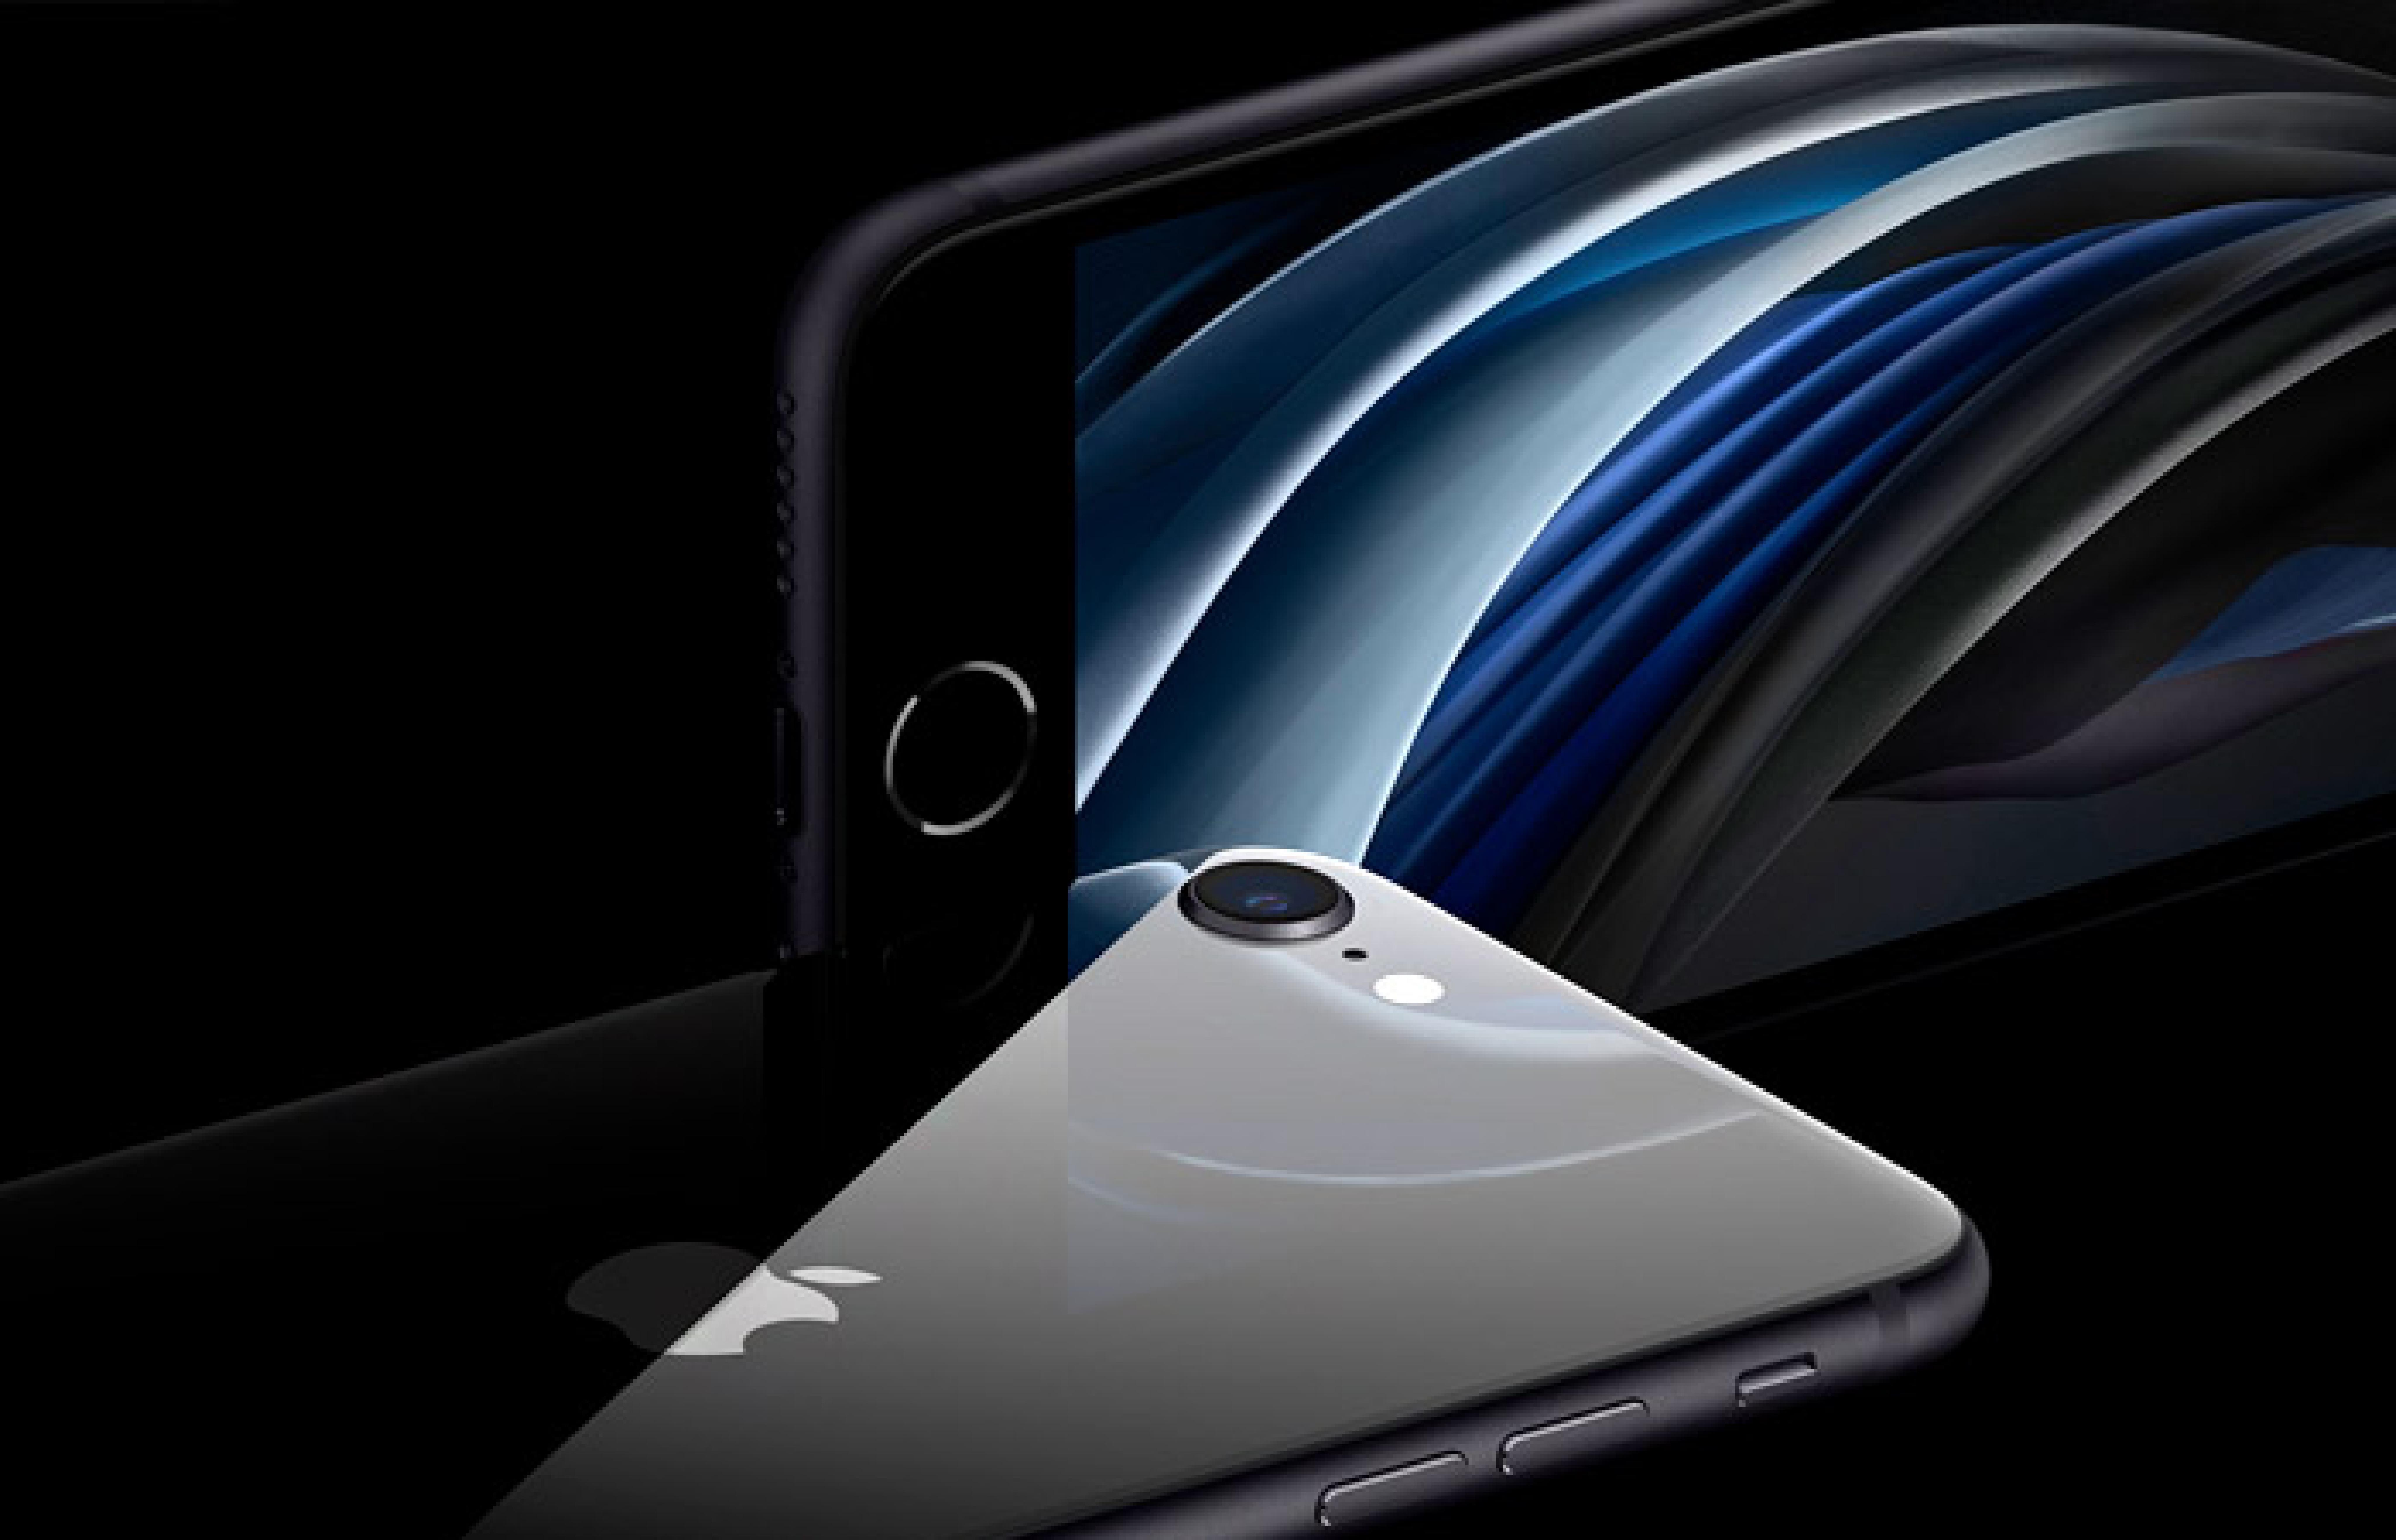 Раскрыты объём оперативной памяти и ёмкость аккумулятора нового iPhone SE